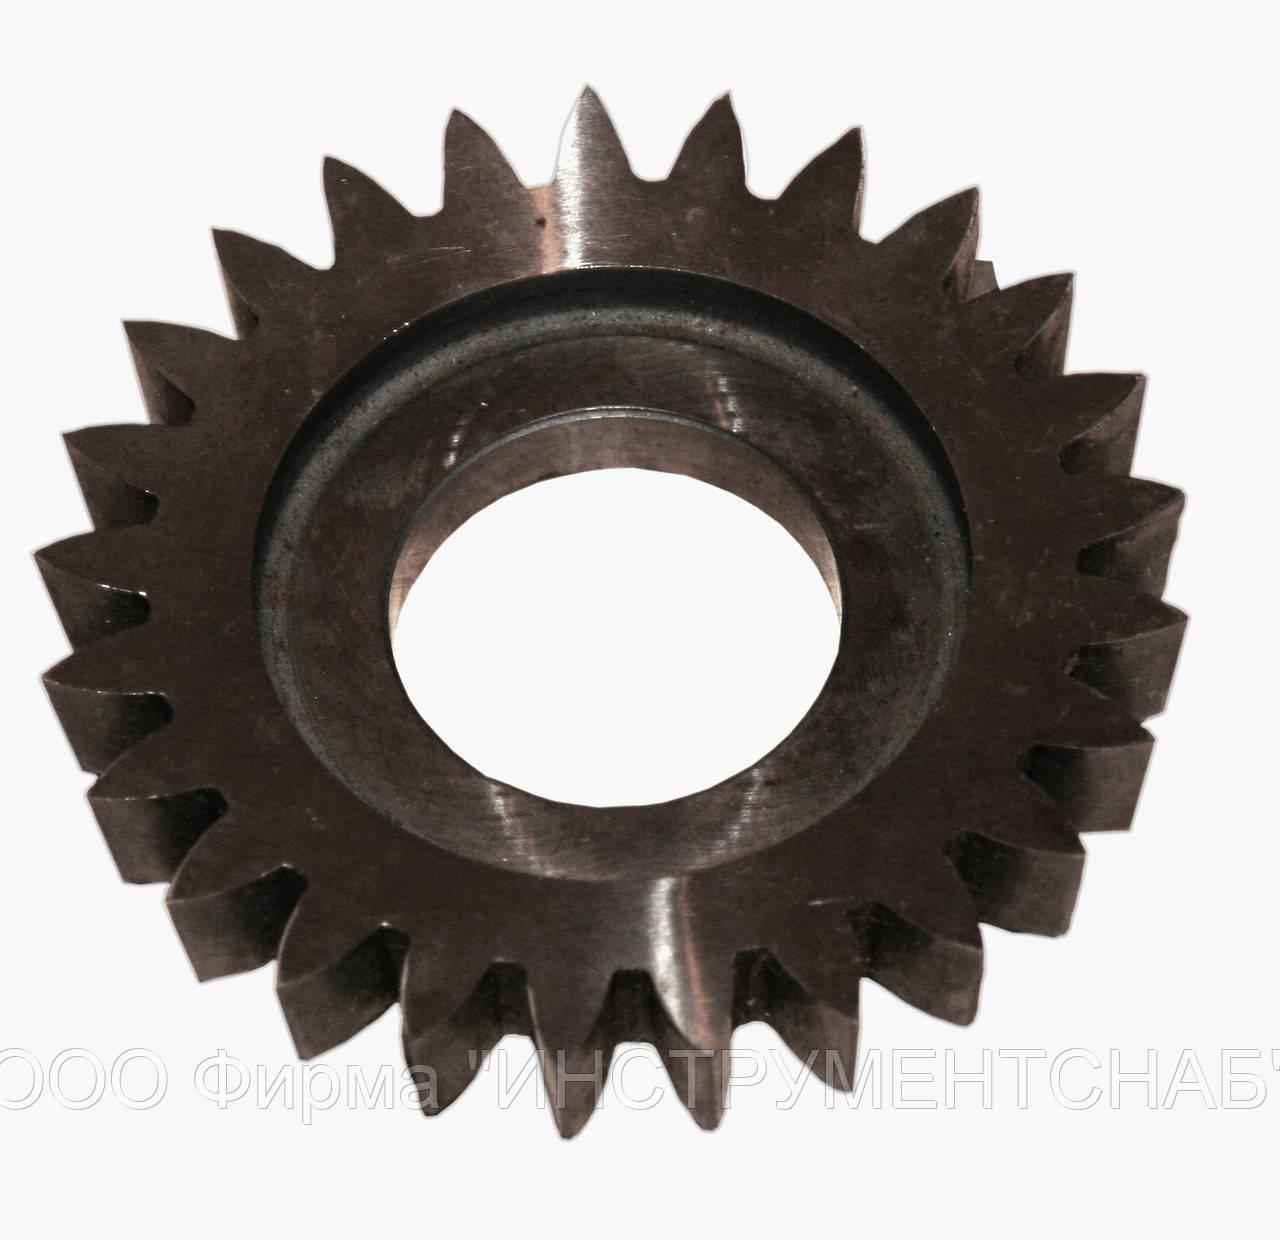 Долбяк дисковый М-4, 20 гр., Z-25, Р6М5, черновой